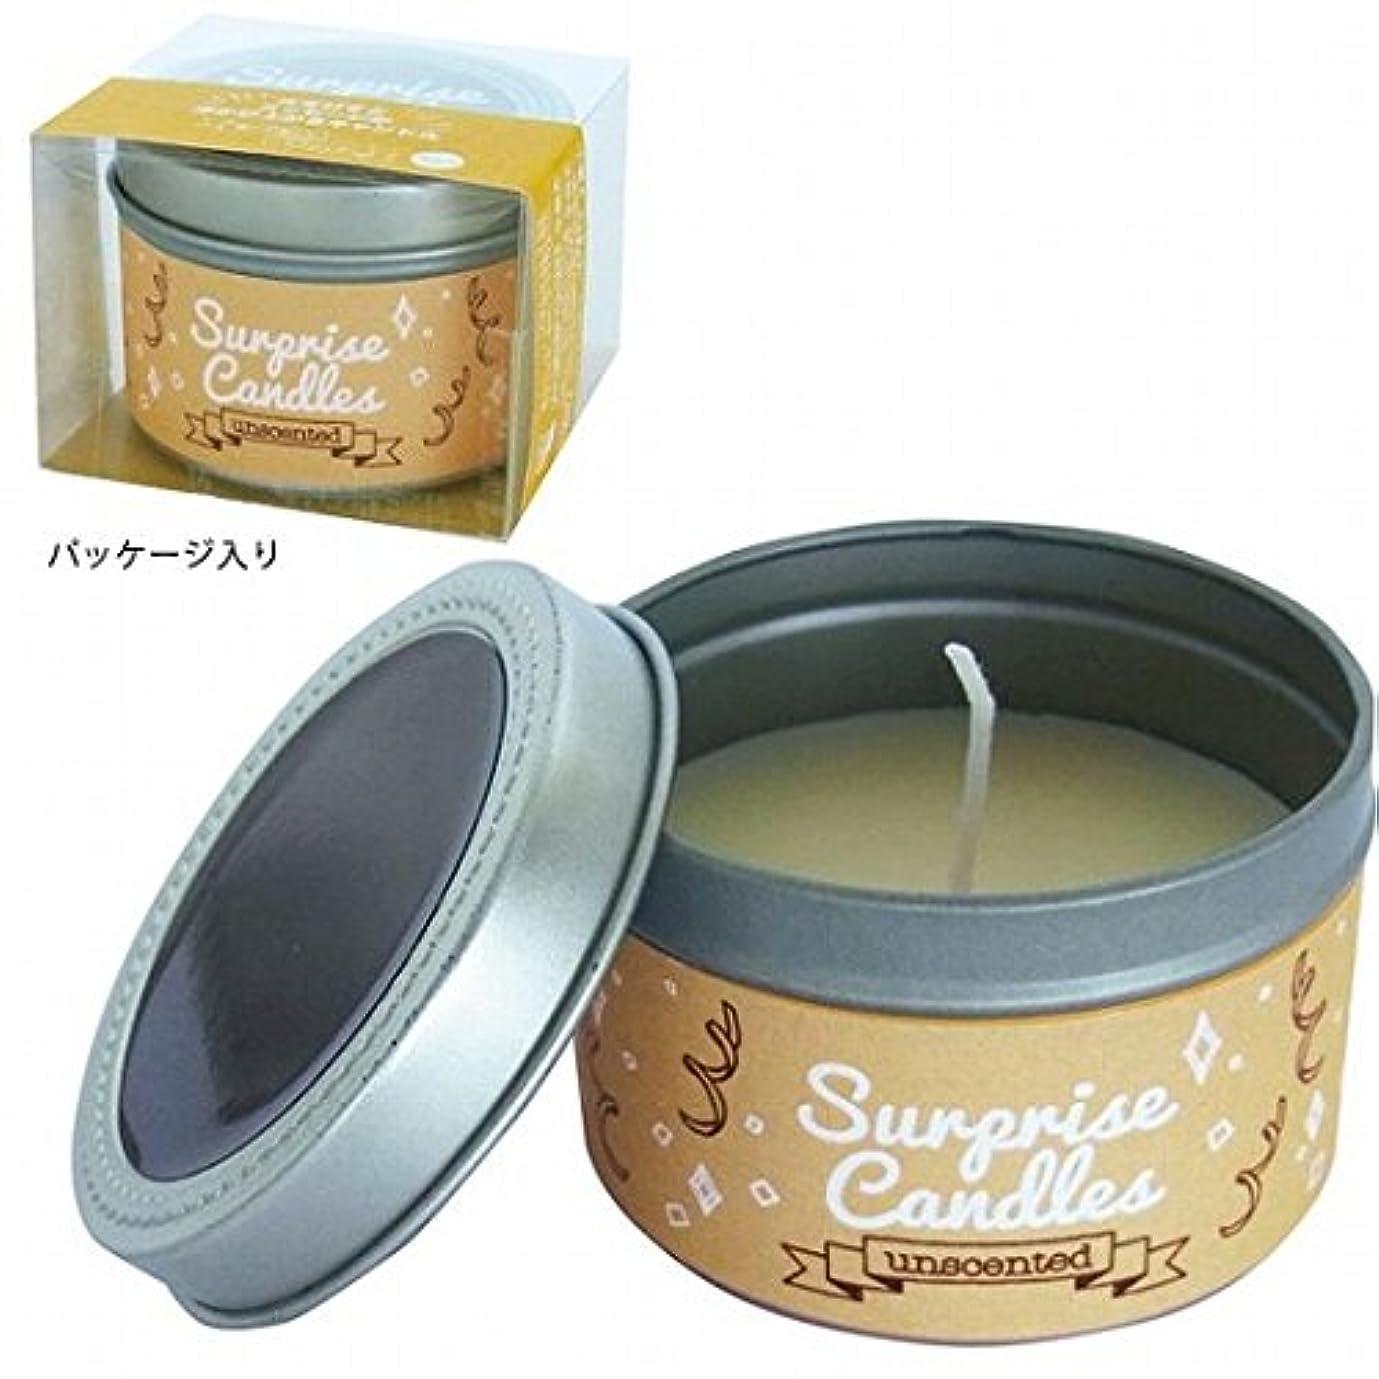 カテナ解釈的平衡kameyama candle(カメヤマキャンドル) サプライズキャンドル 「無香」(A207005010)